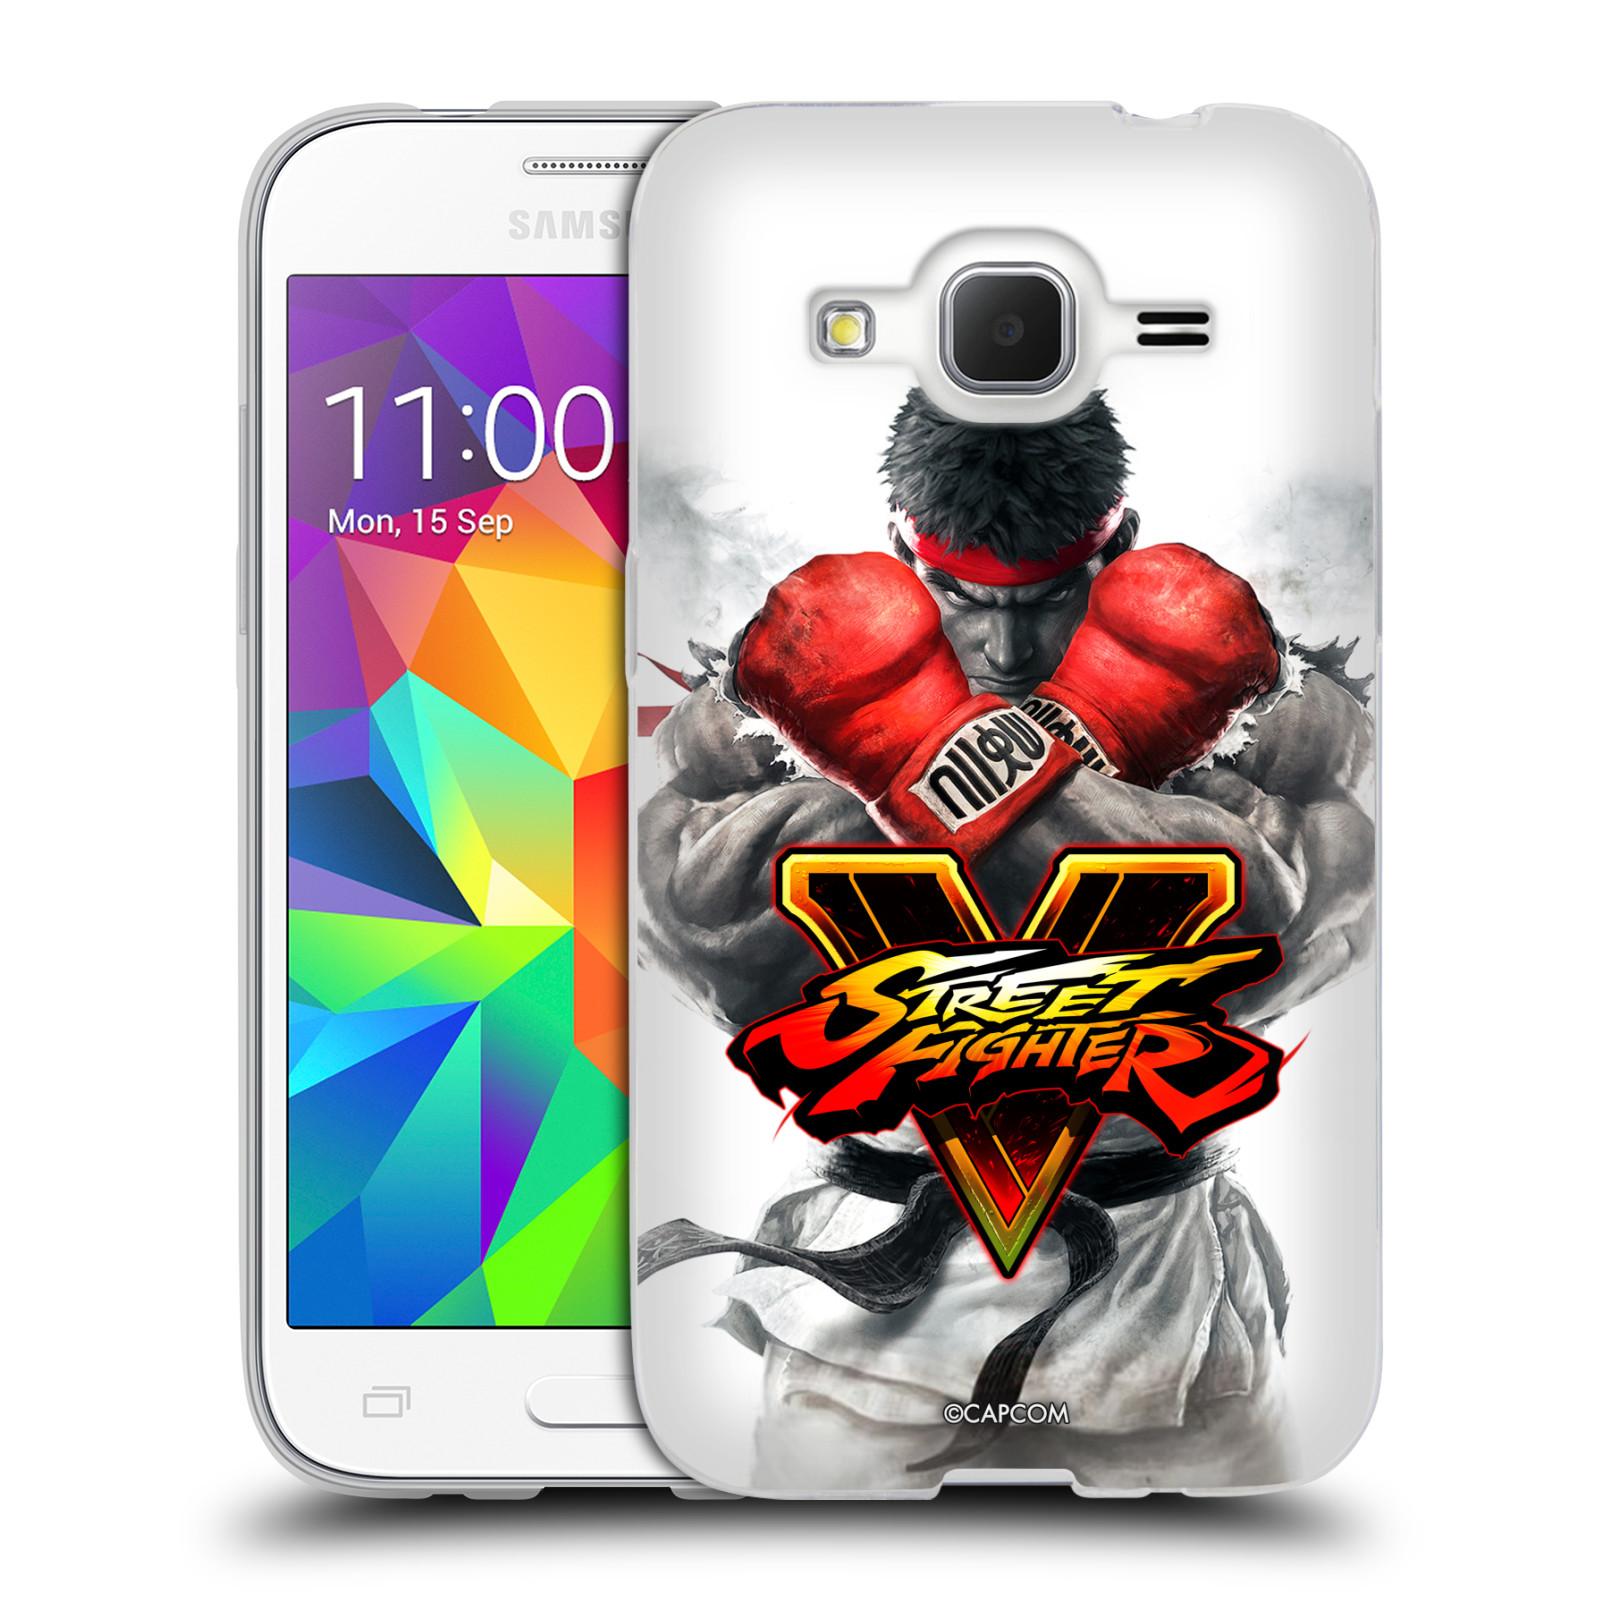 HEAD CASE silikonový obal na mobil Samsung Galaxy Core Prime (G360) oficiální kryt STREET FIGHTER Boxer Ryu